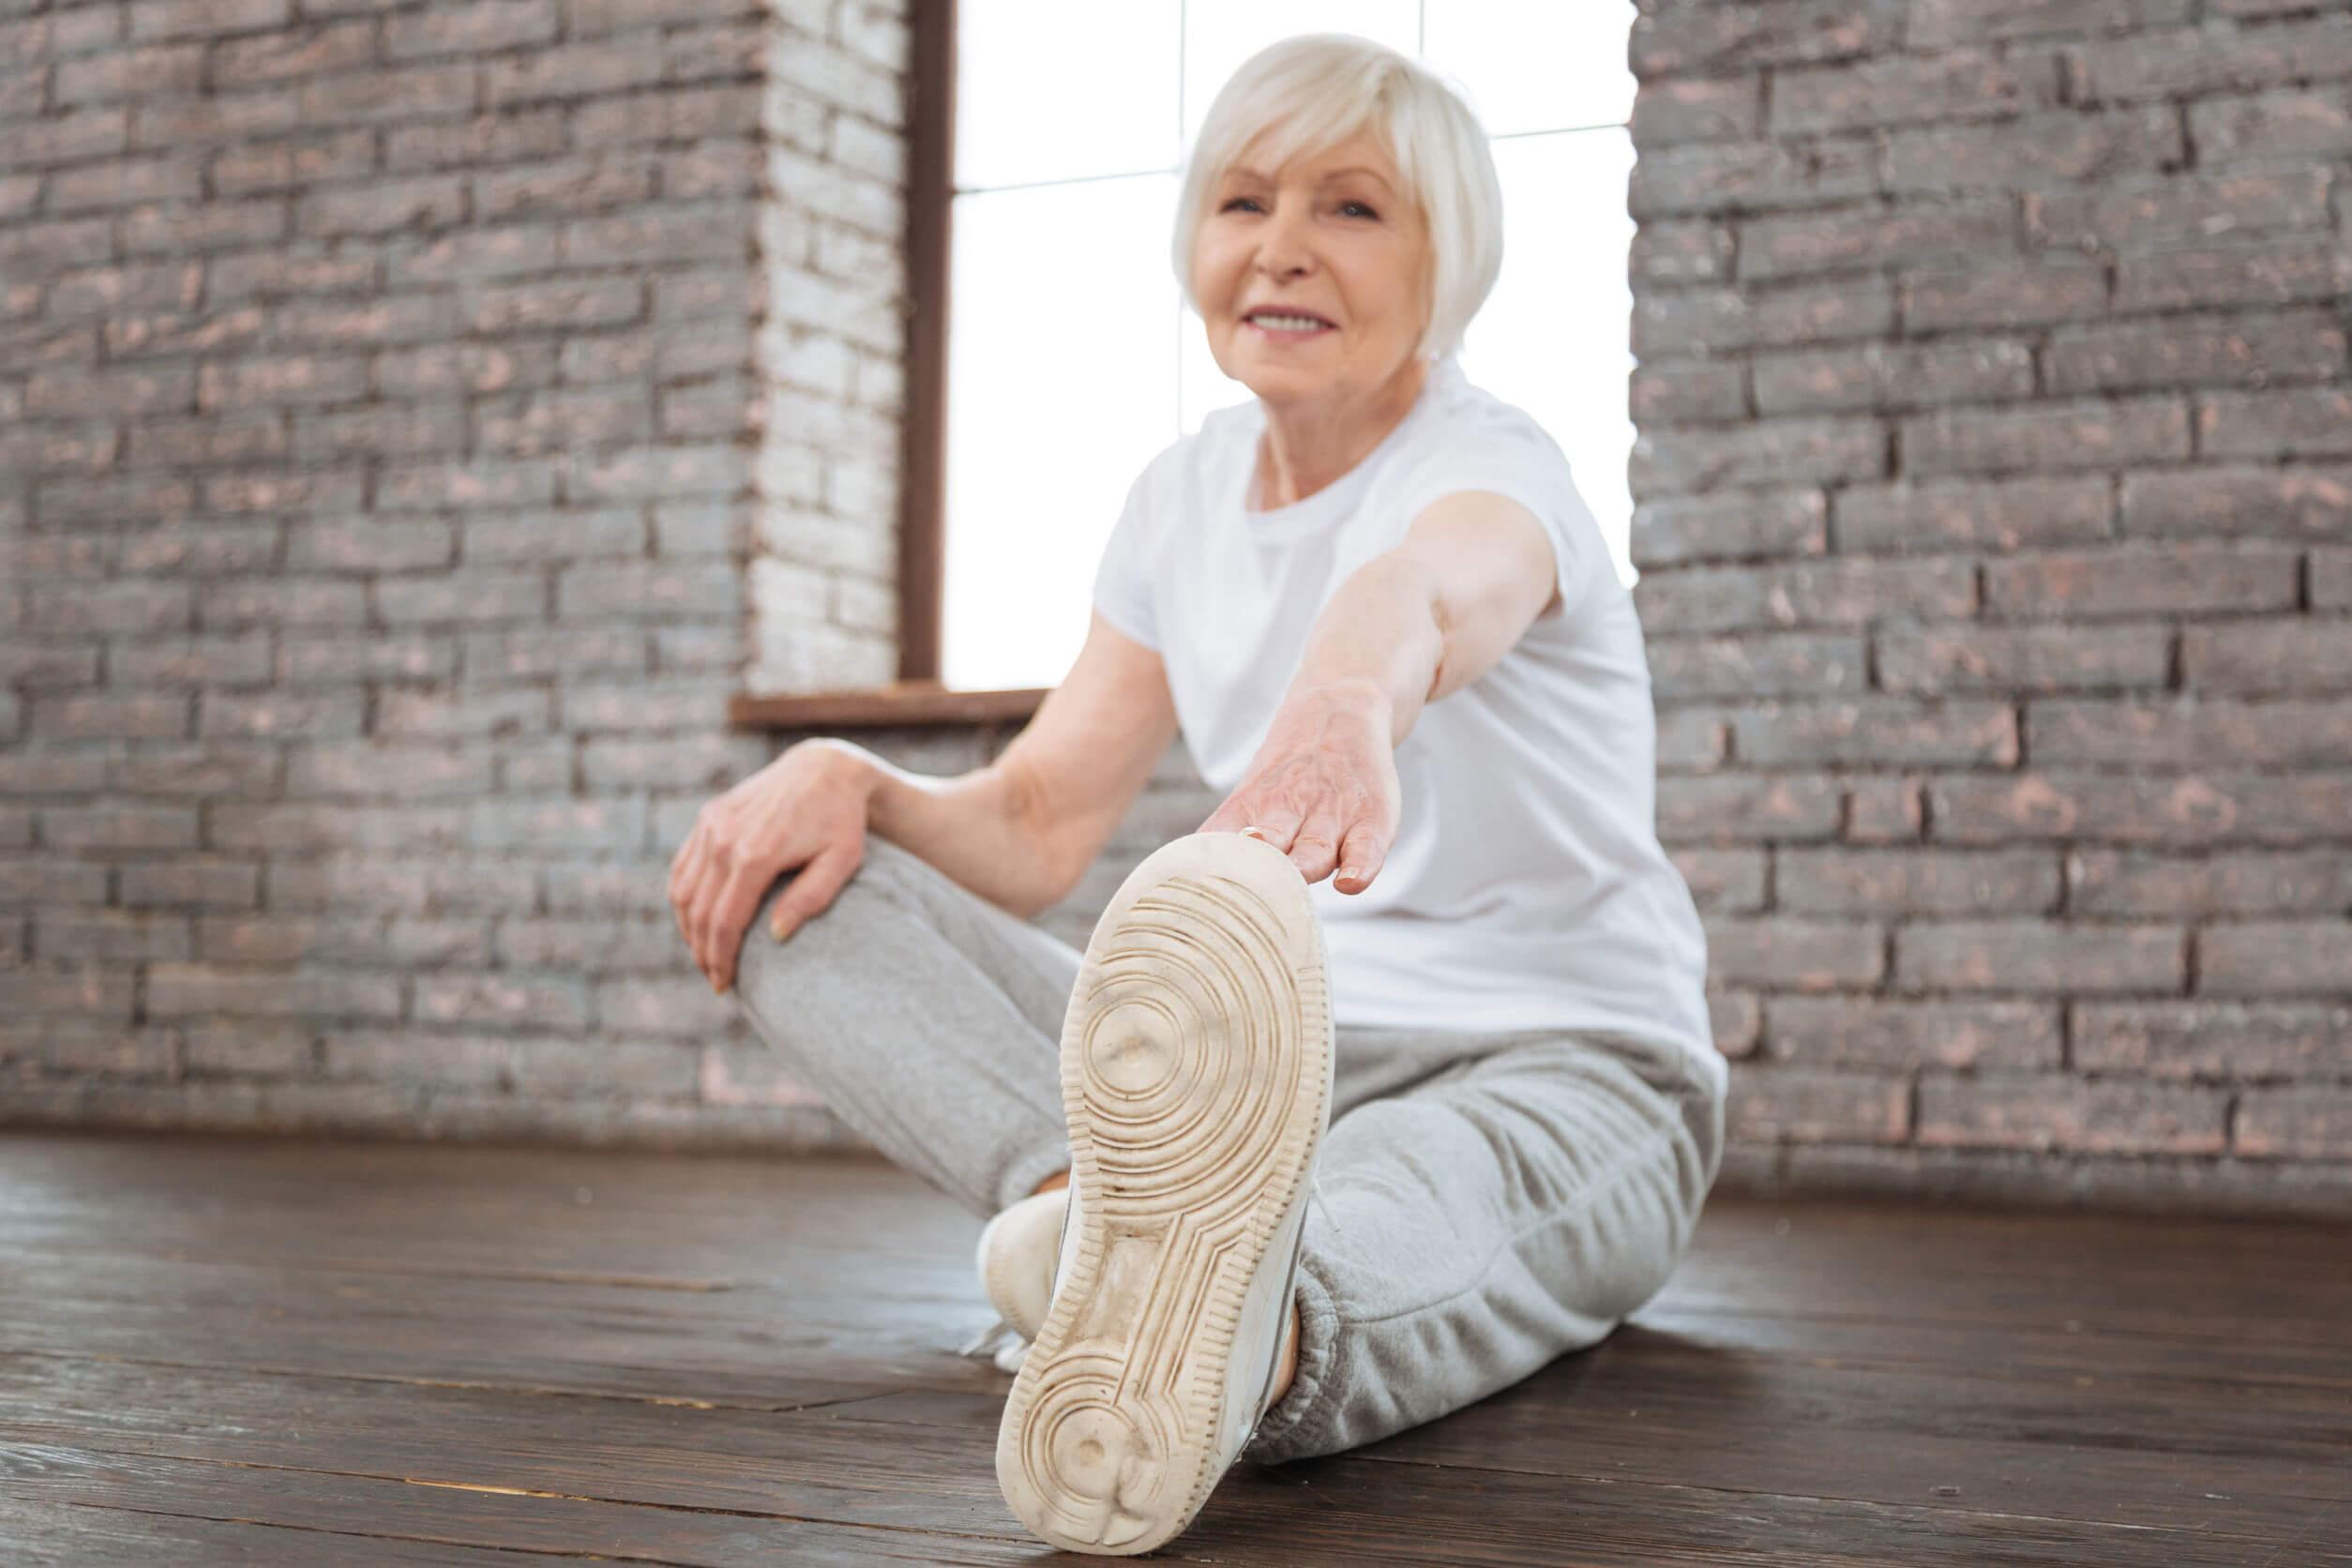 ¿Qué ejercicios tratan la flacidez después de la pérdida de peso?